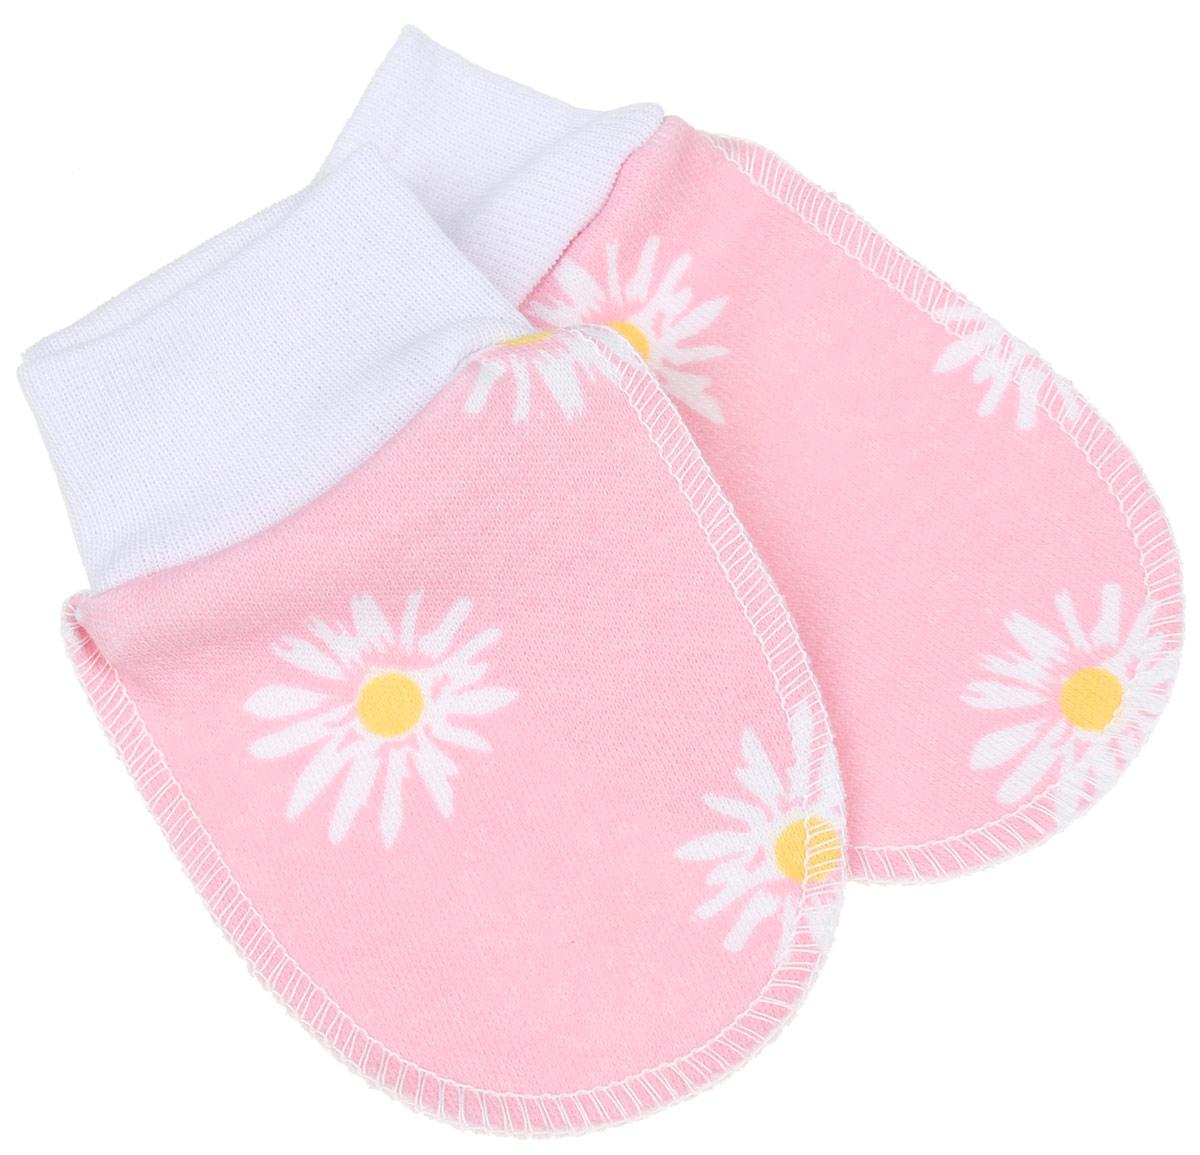 Рукавички5916_ВЛ15_ромашкиРукавички для новорожденного Трон-плюс обеспечат вашему ребенку комфорт во время сна и бодрствования, предохраняя нежную кожу от царапин. Изделие изготовлено из натурального хлопка, отлично пропускает воздух, обеспечивая комфорт. Швы выполнены наружу, что будет для малыша особенно удобным. Рукавички имеют широкие эластичные манжеты, которые не пережимают ручку ребенка. Модель оформлена принтом с изображением ромашек. Мягкие рукавички сделают сон вашего ребенка спокойным и безопасным.